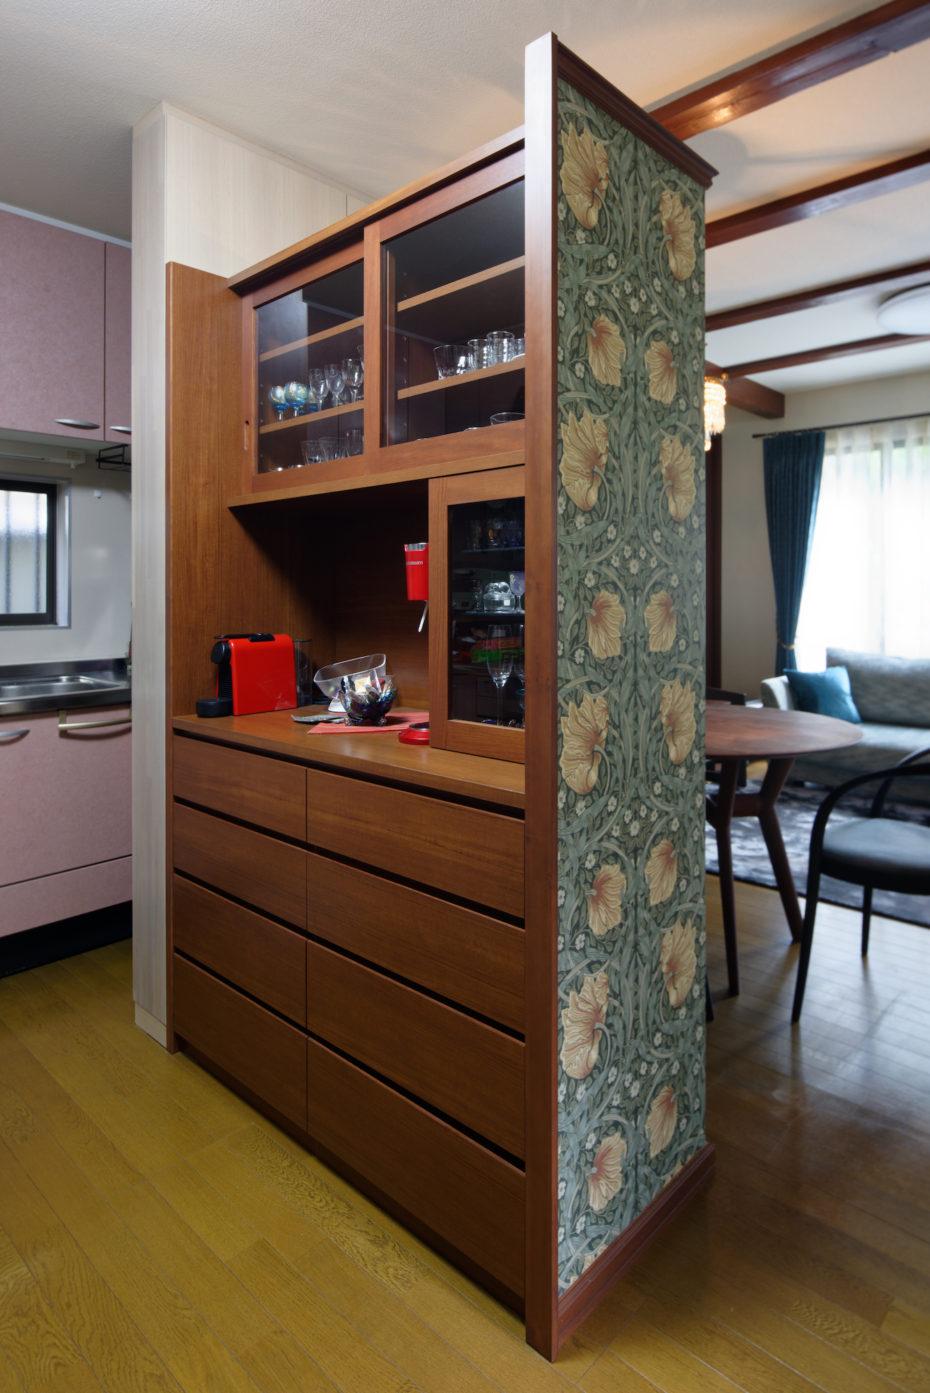 キッチンから見た造作の食器棚。裏には壁紙が張られています。